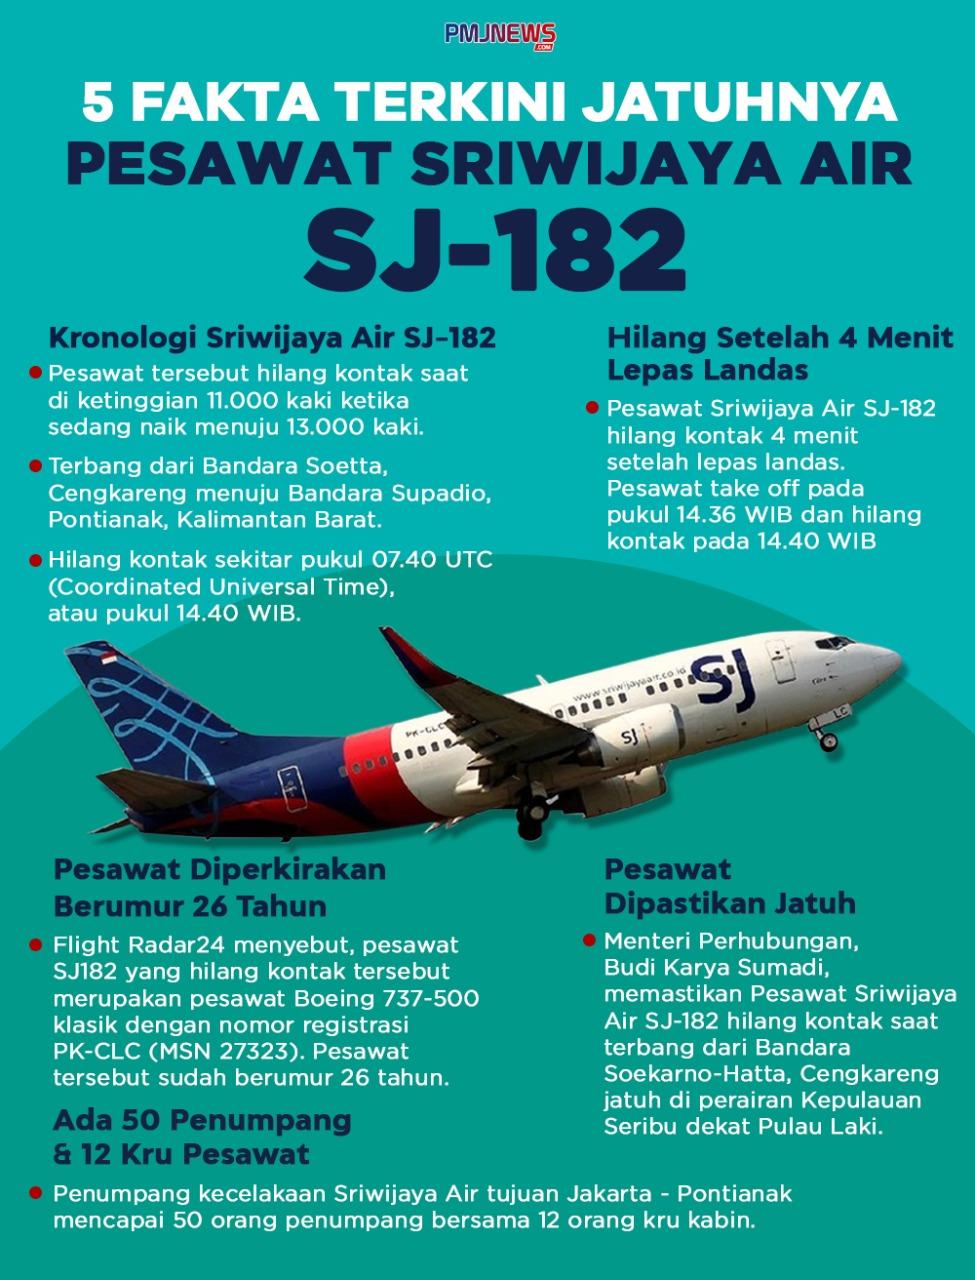 5 fakta terkait jatuhnya pesawat Sriwijaya Air SJ-182 di perairan Kepulauan Seribu, Jakarta. (Foto: PMJ News/Ilustrasi/Fifi).